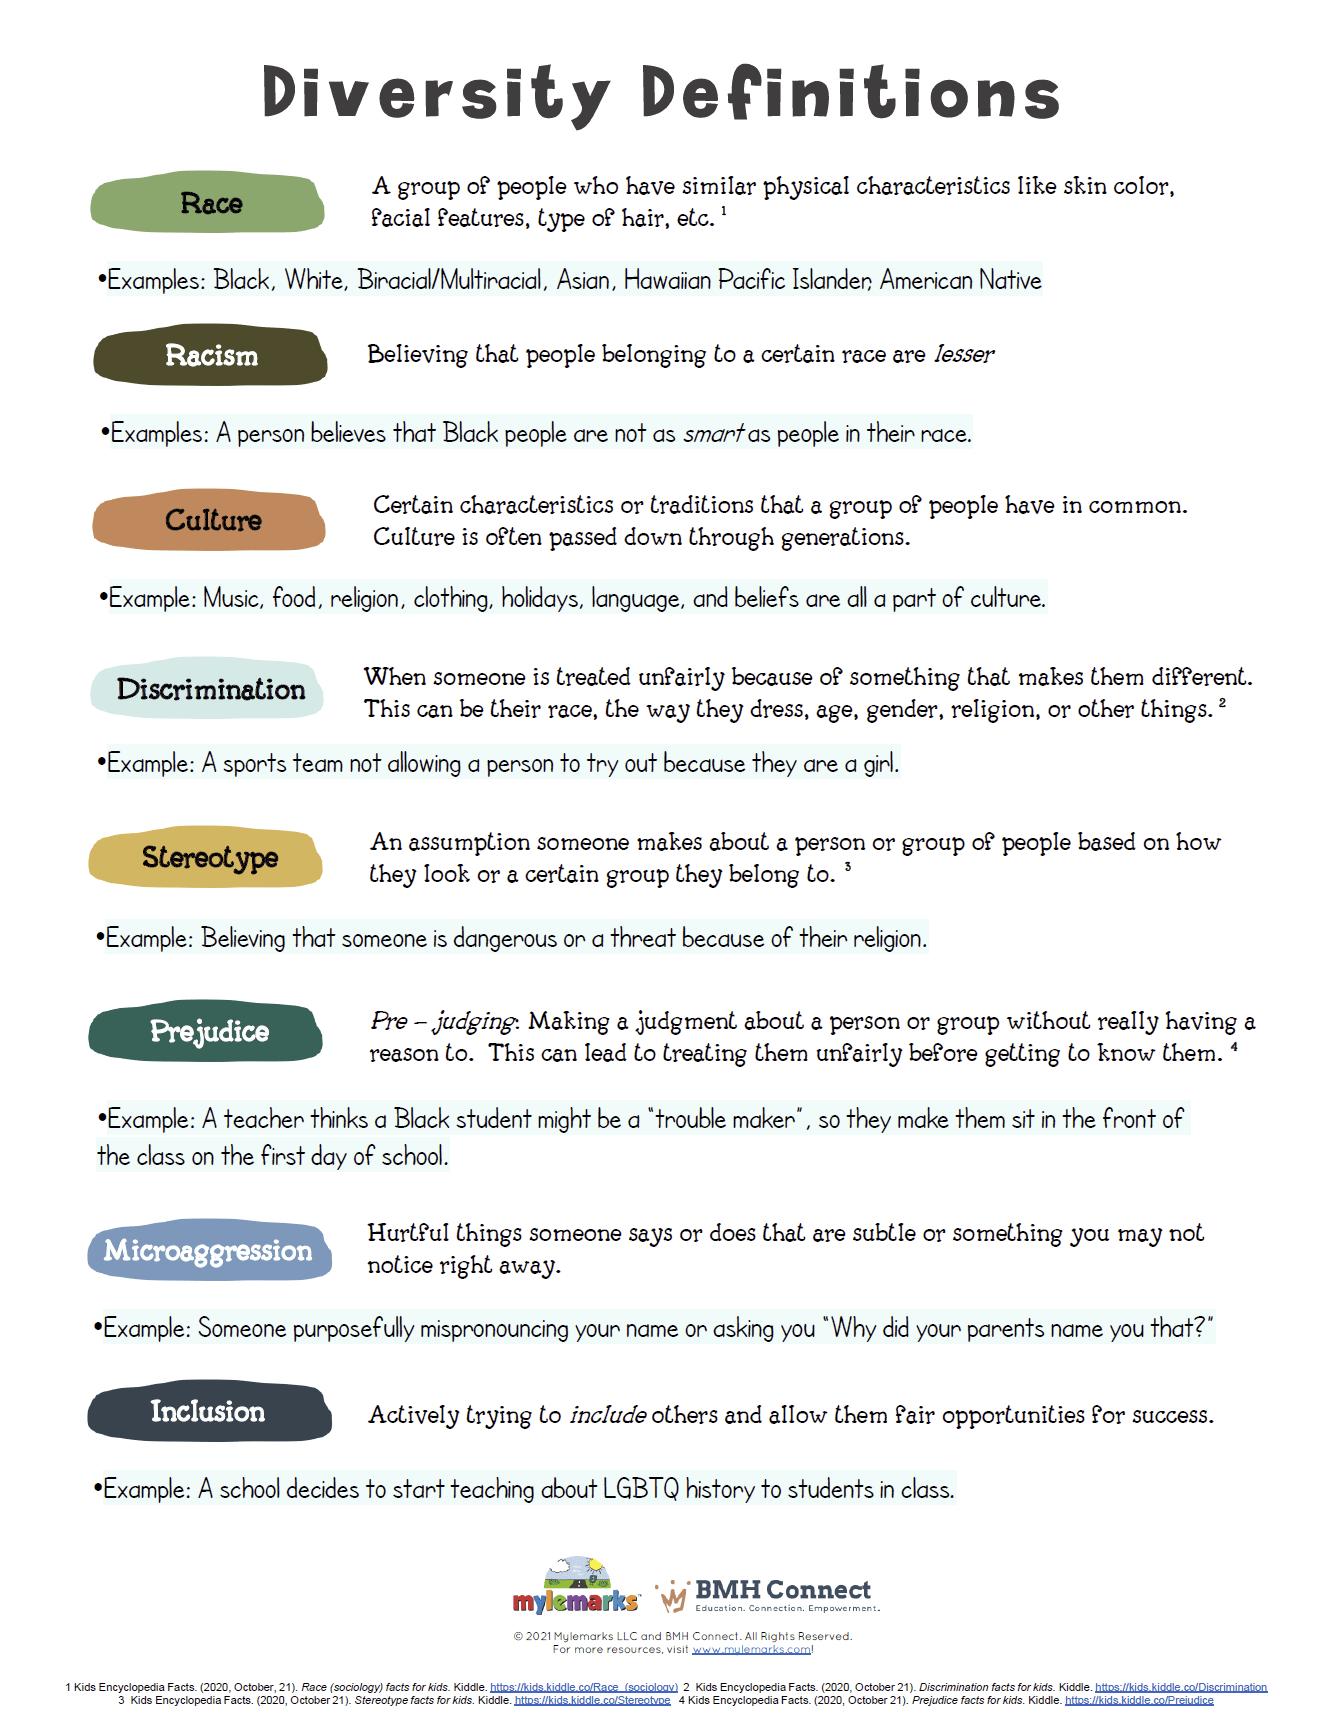 Diversity Definitions Bhmc